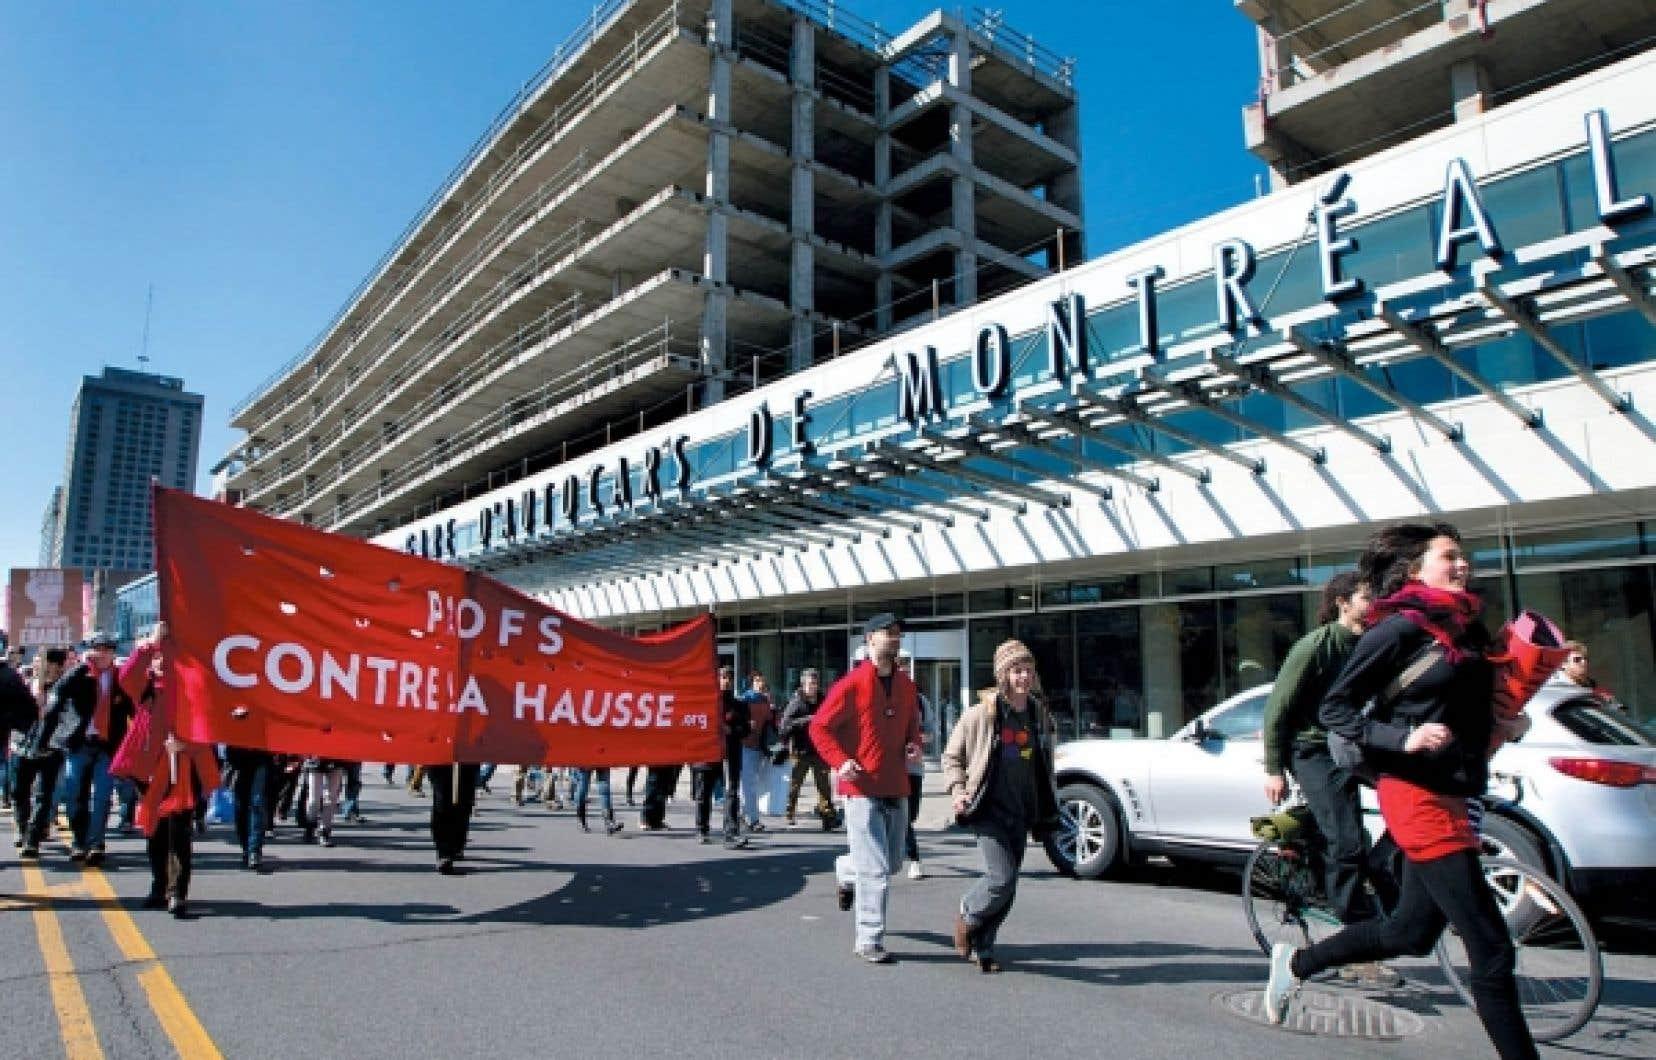 Des citoyens et des professeurs opposés à la hausse des droits de scolarité ont manifesté hier après-midi dans les rues de Montréal. La grève étudiante et les manifestations qui s'enchaînent semaine après semaine ont maintenant des échos à travers le monde.